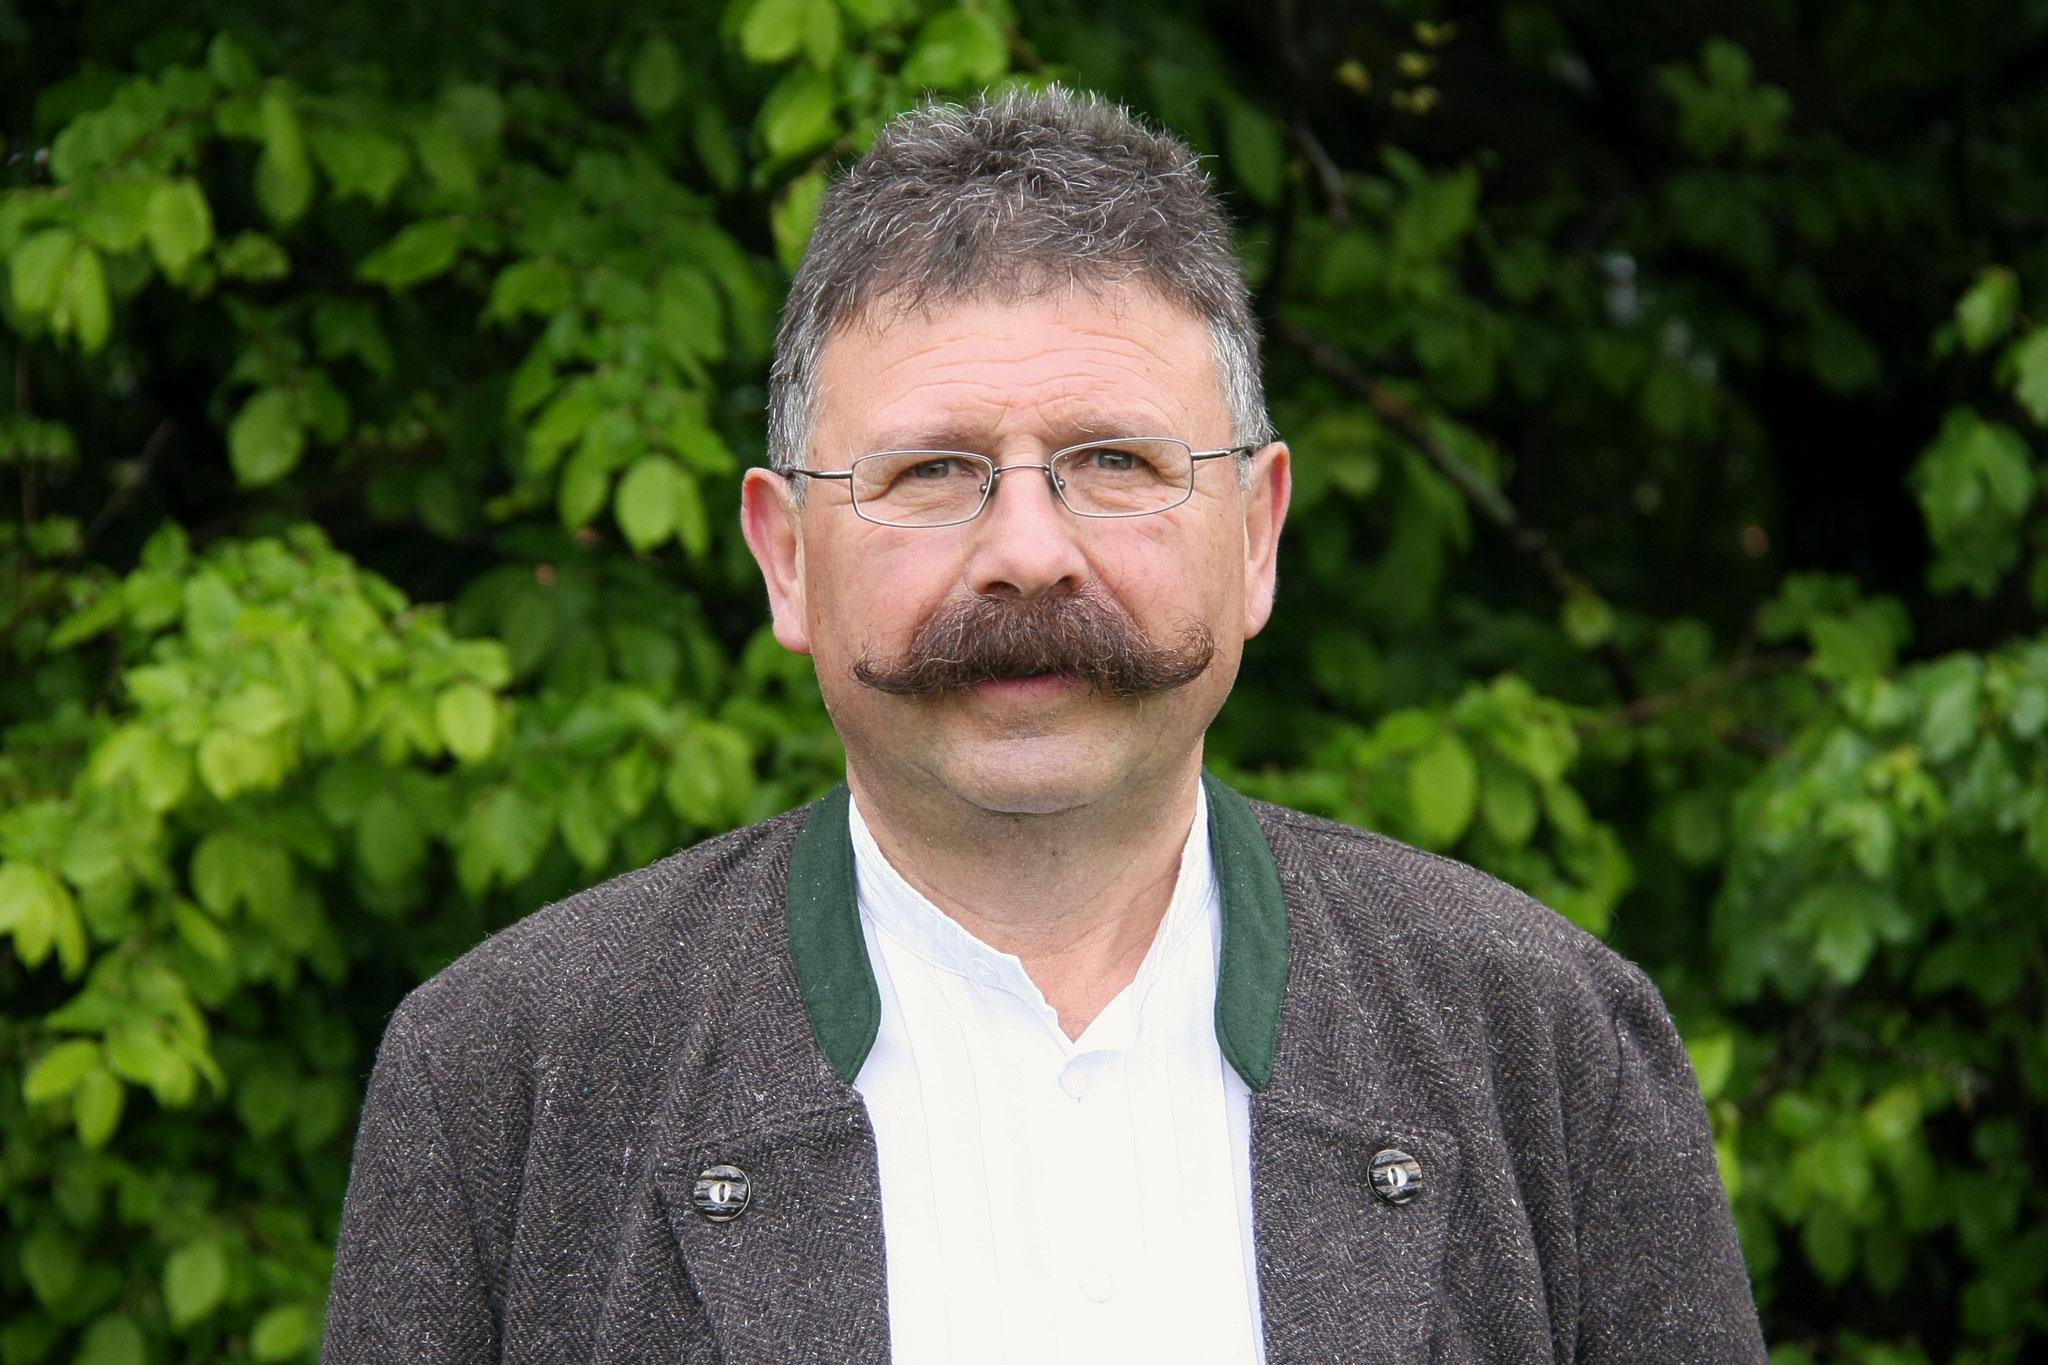 Reinhold (Benny) Mohr, Posaune, aktiv von 1969-1999